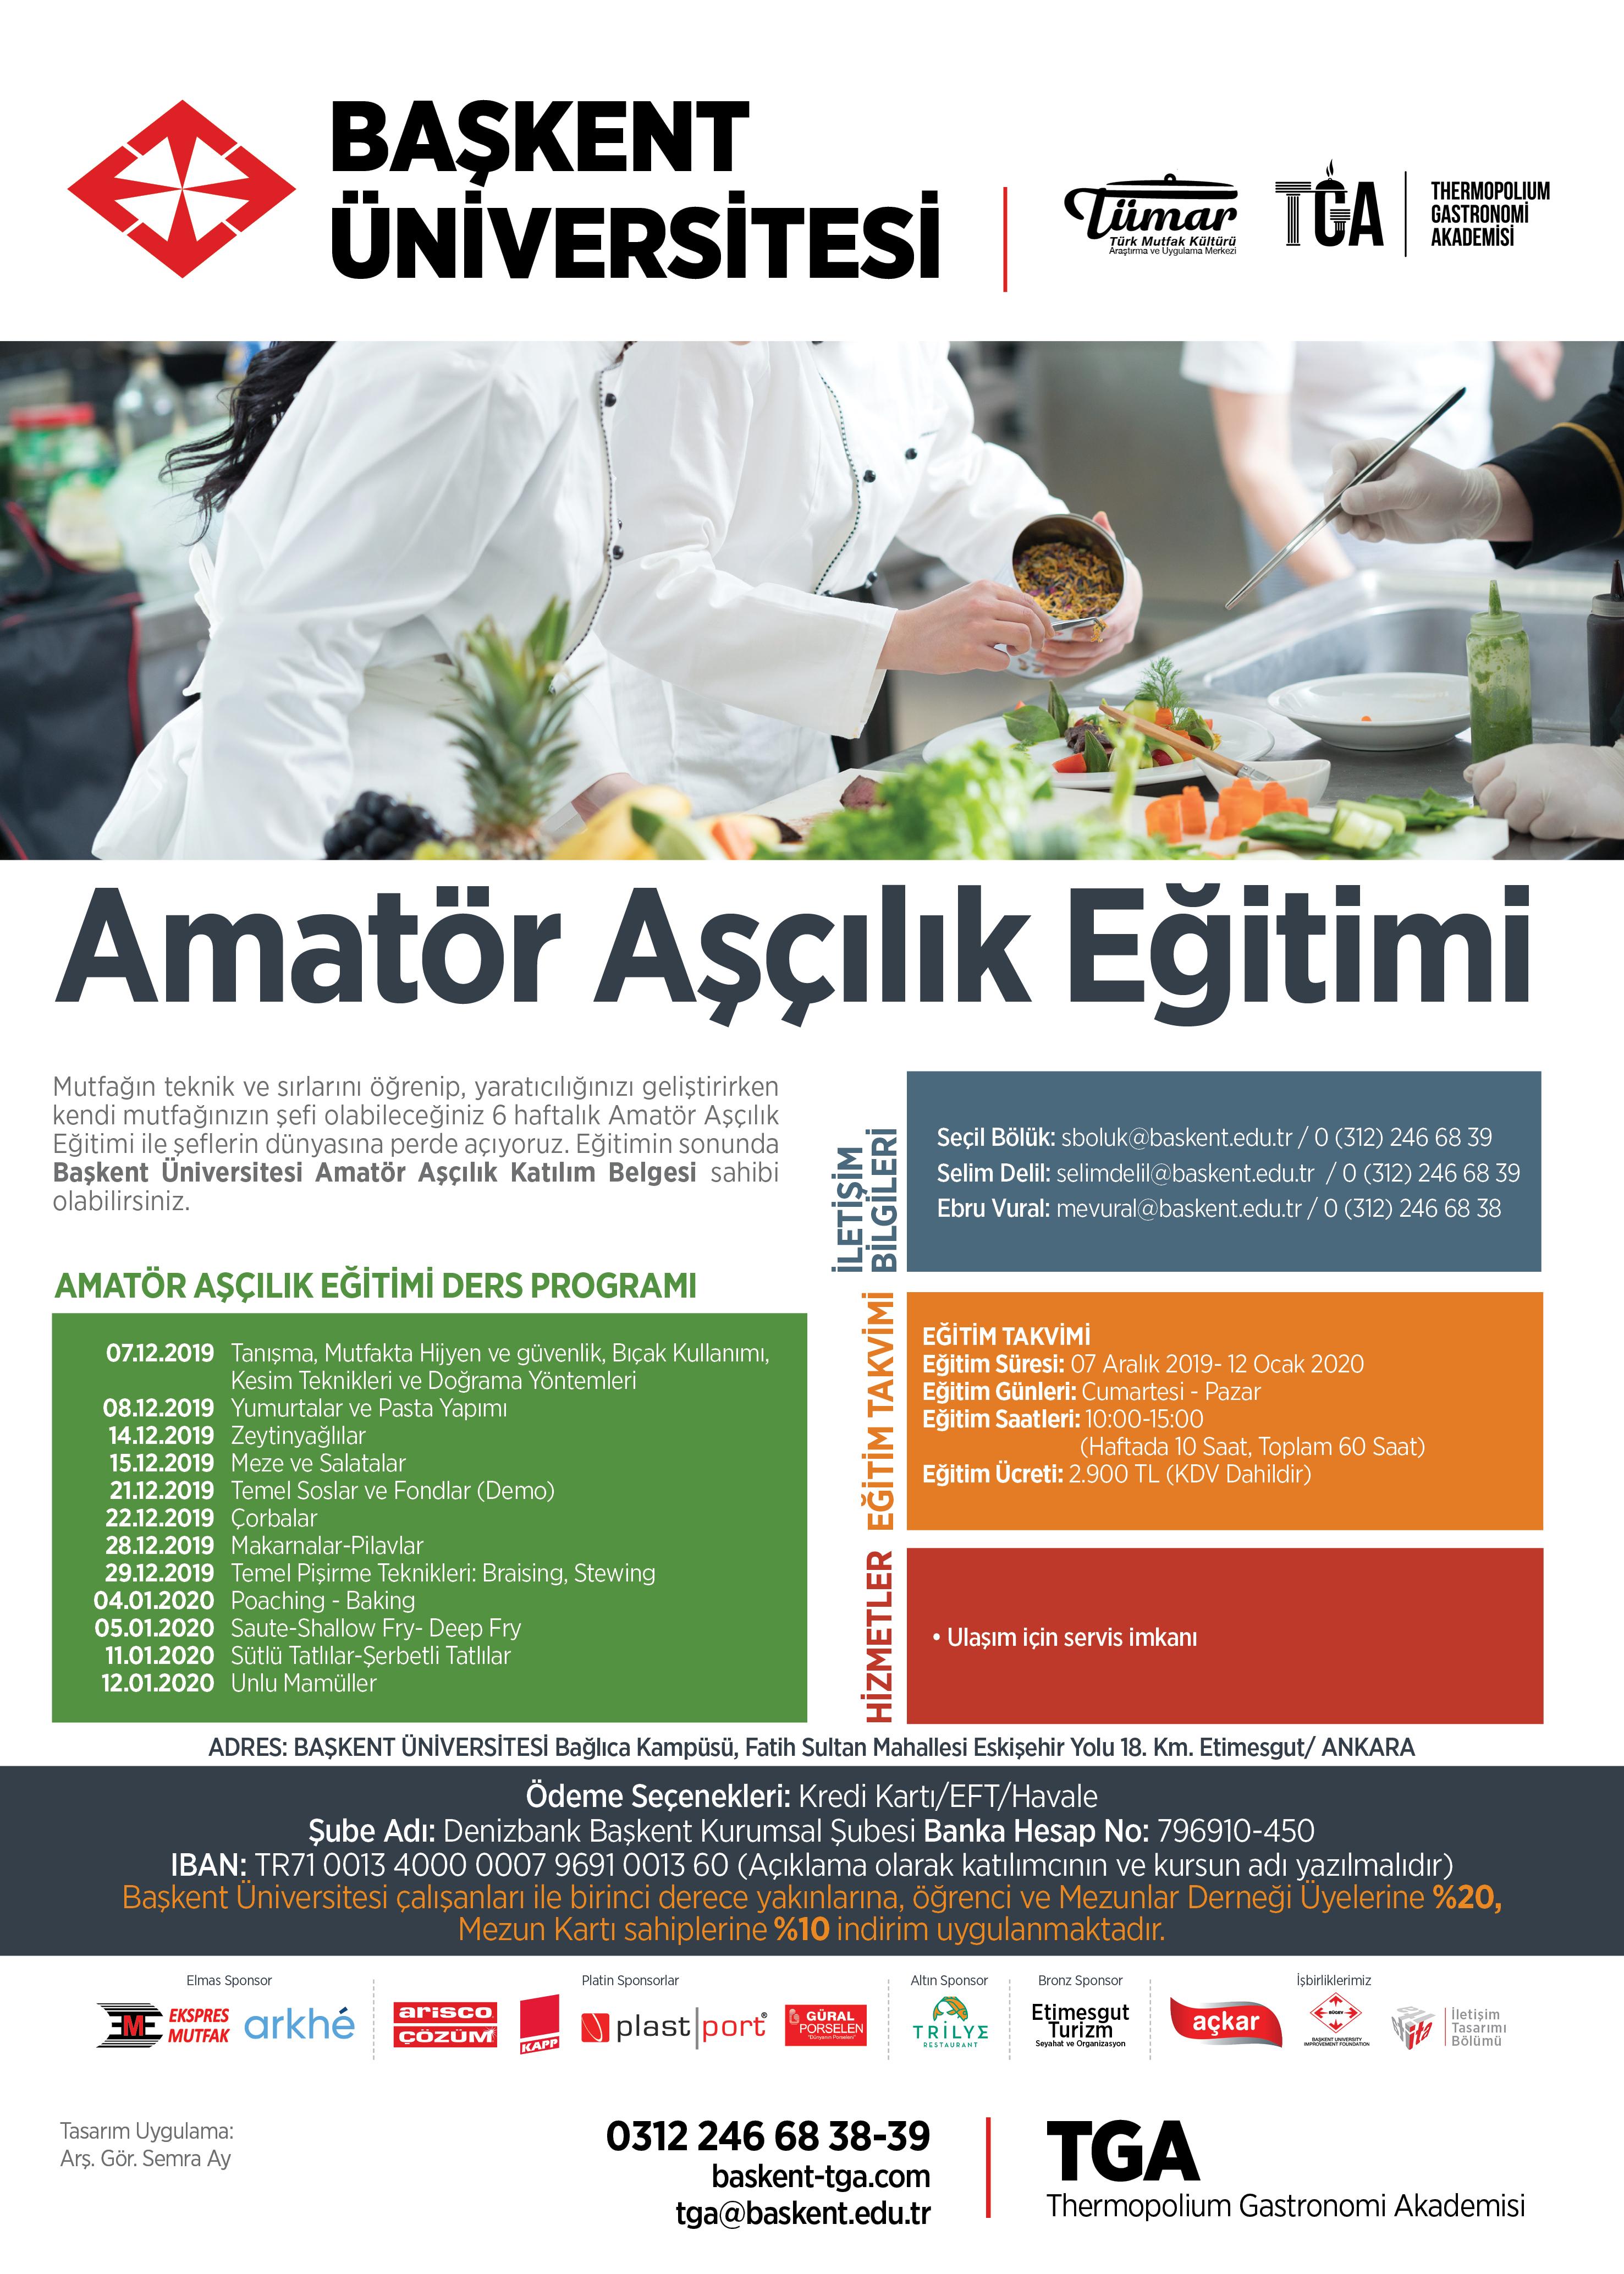 tga_aralık_amatörascilik_afiş_web